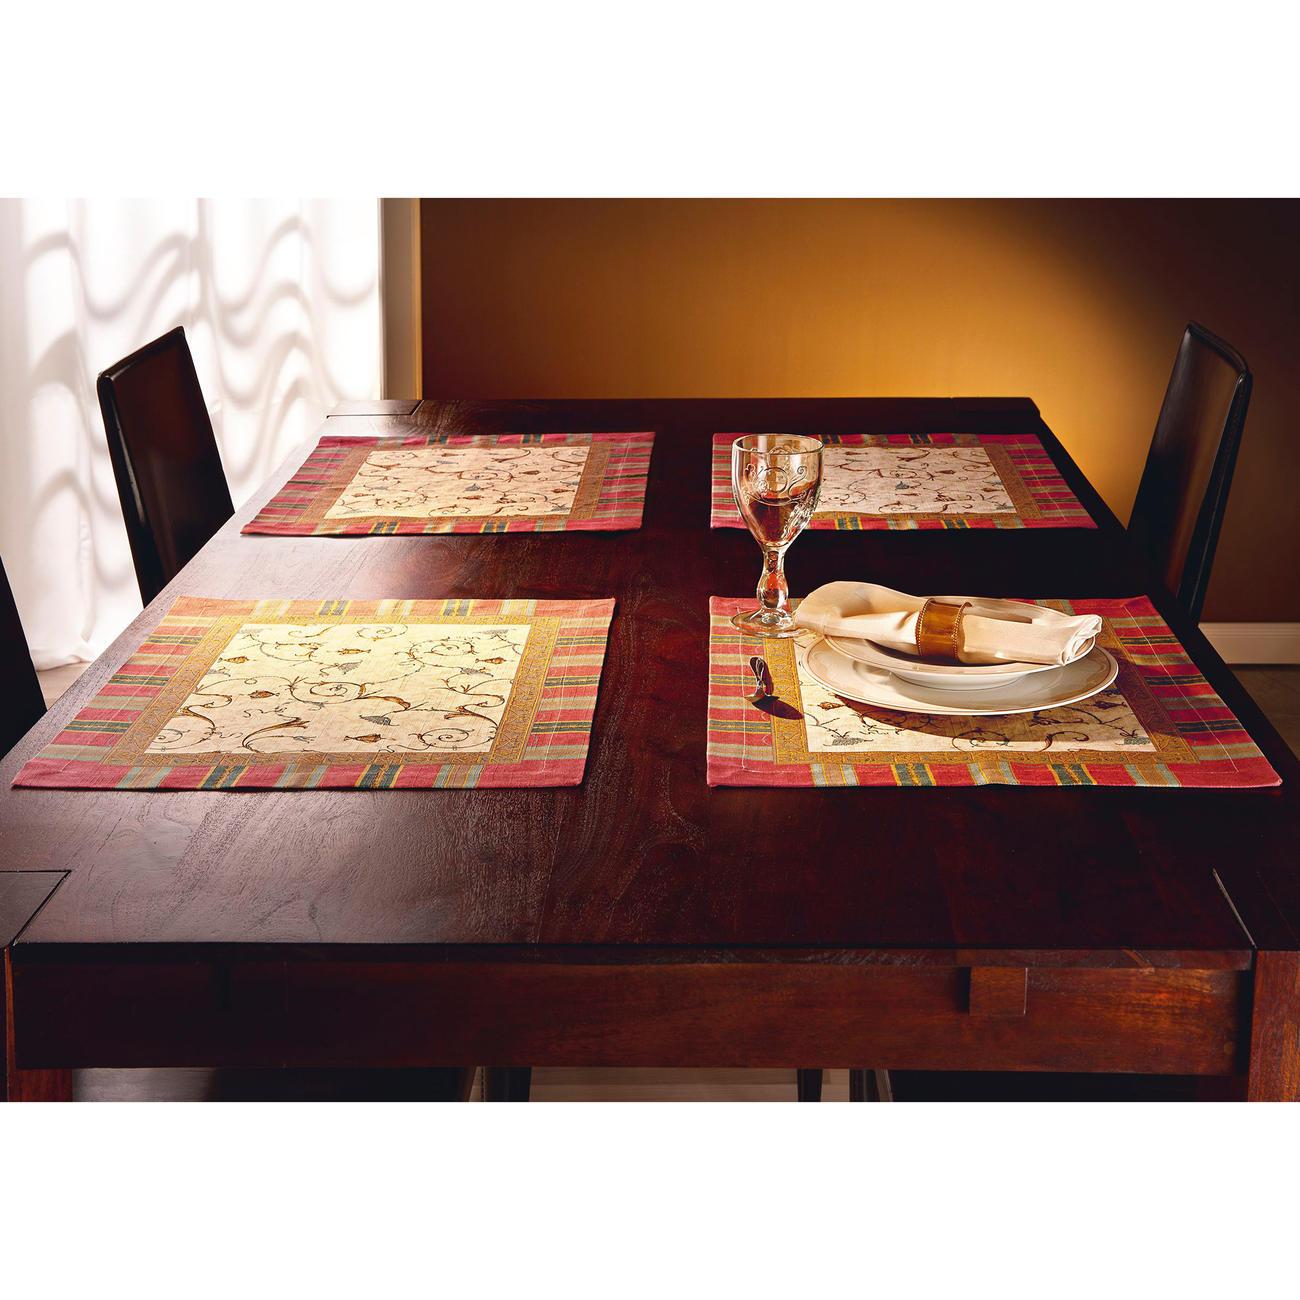 Granfoulard Tischsets Oplontis V8, 2er-Set, 40 x 50 cm